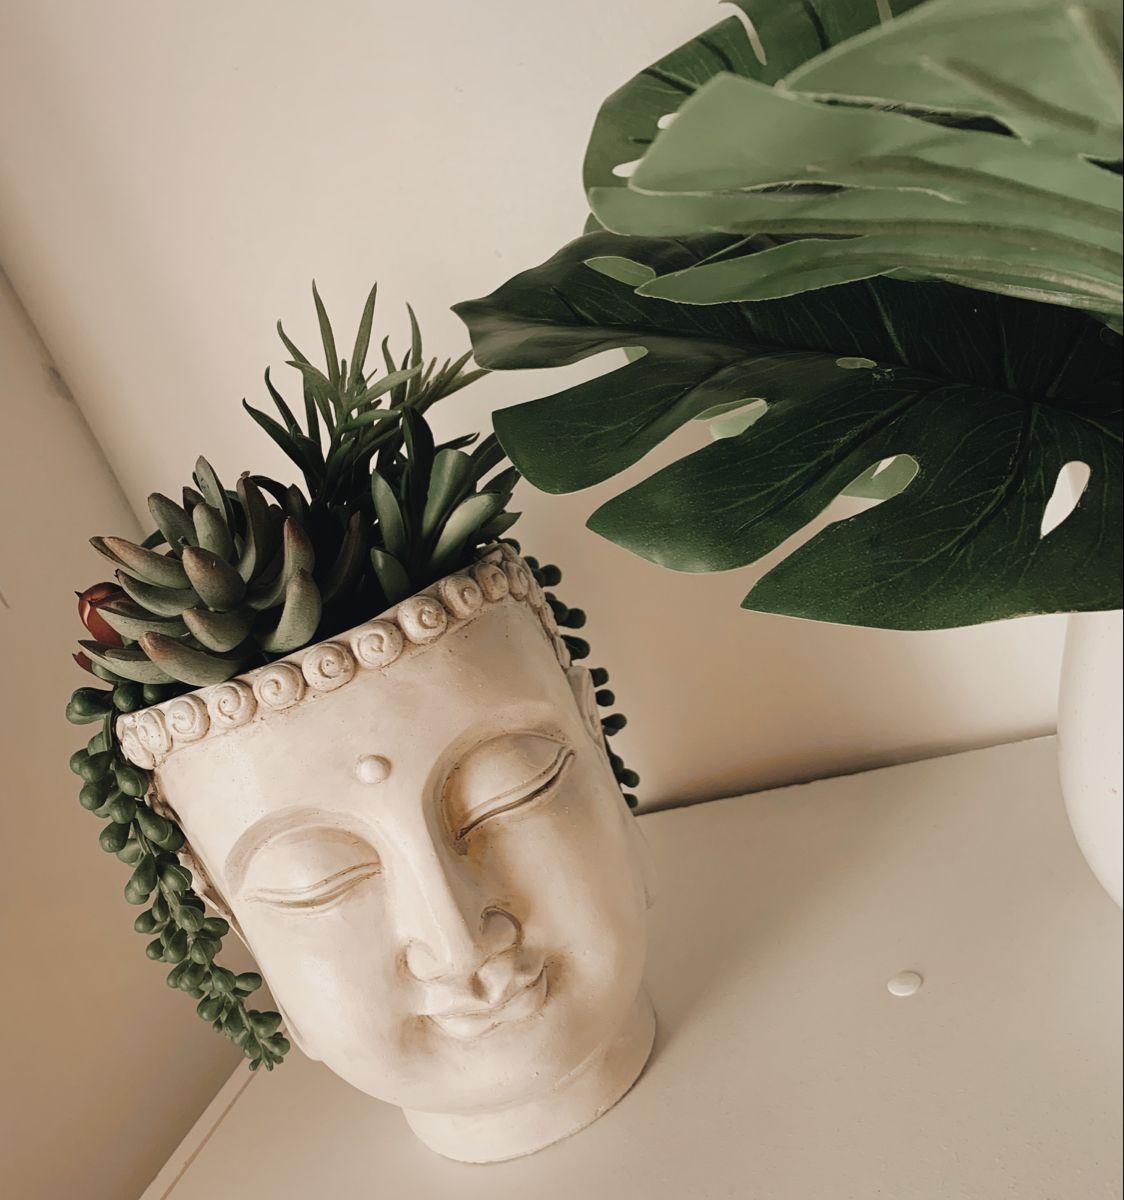 #plants #planter #buddha #buddhadecor #tropicaldecor #roomdecorideas #boho #bohodecor